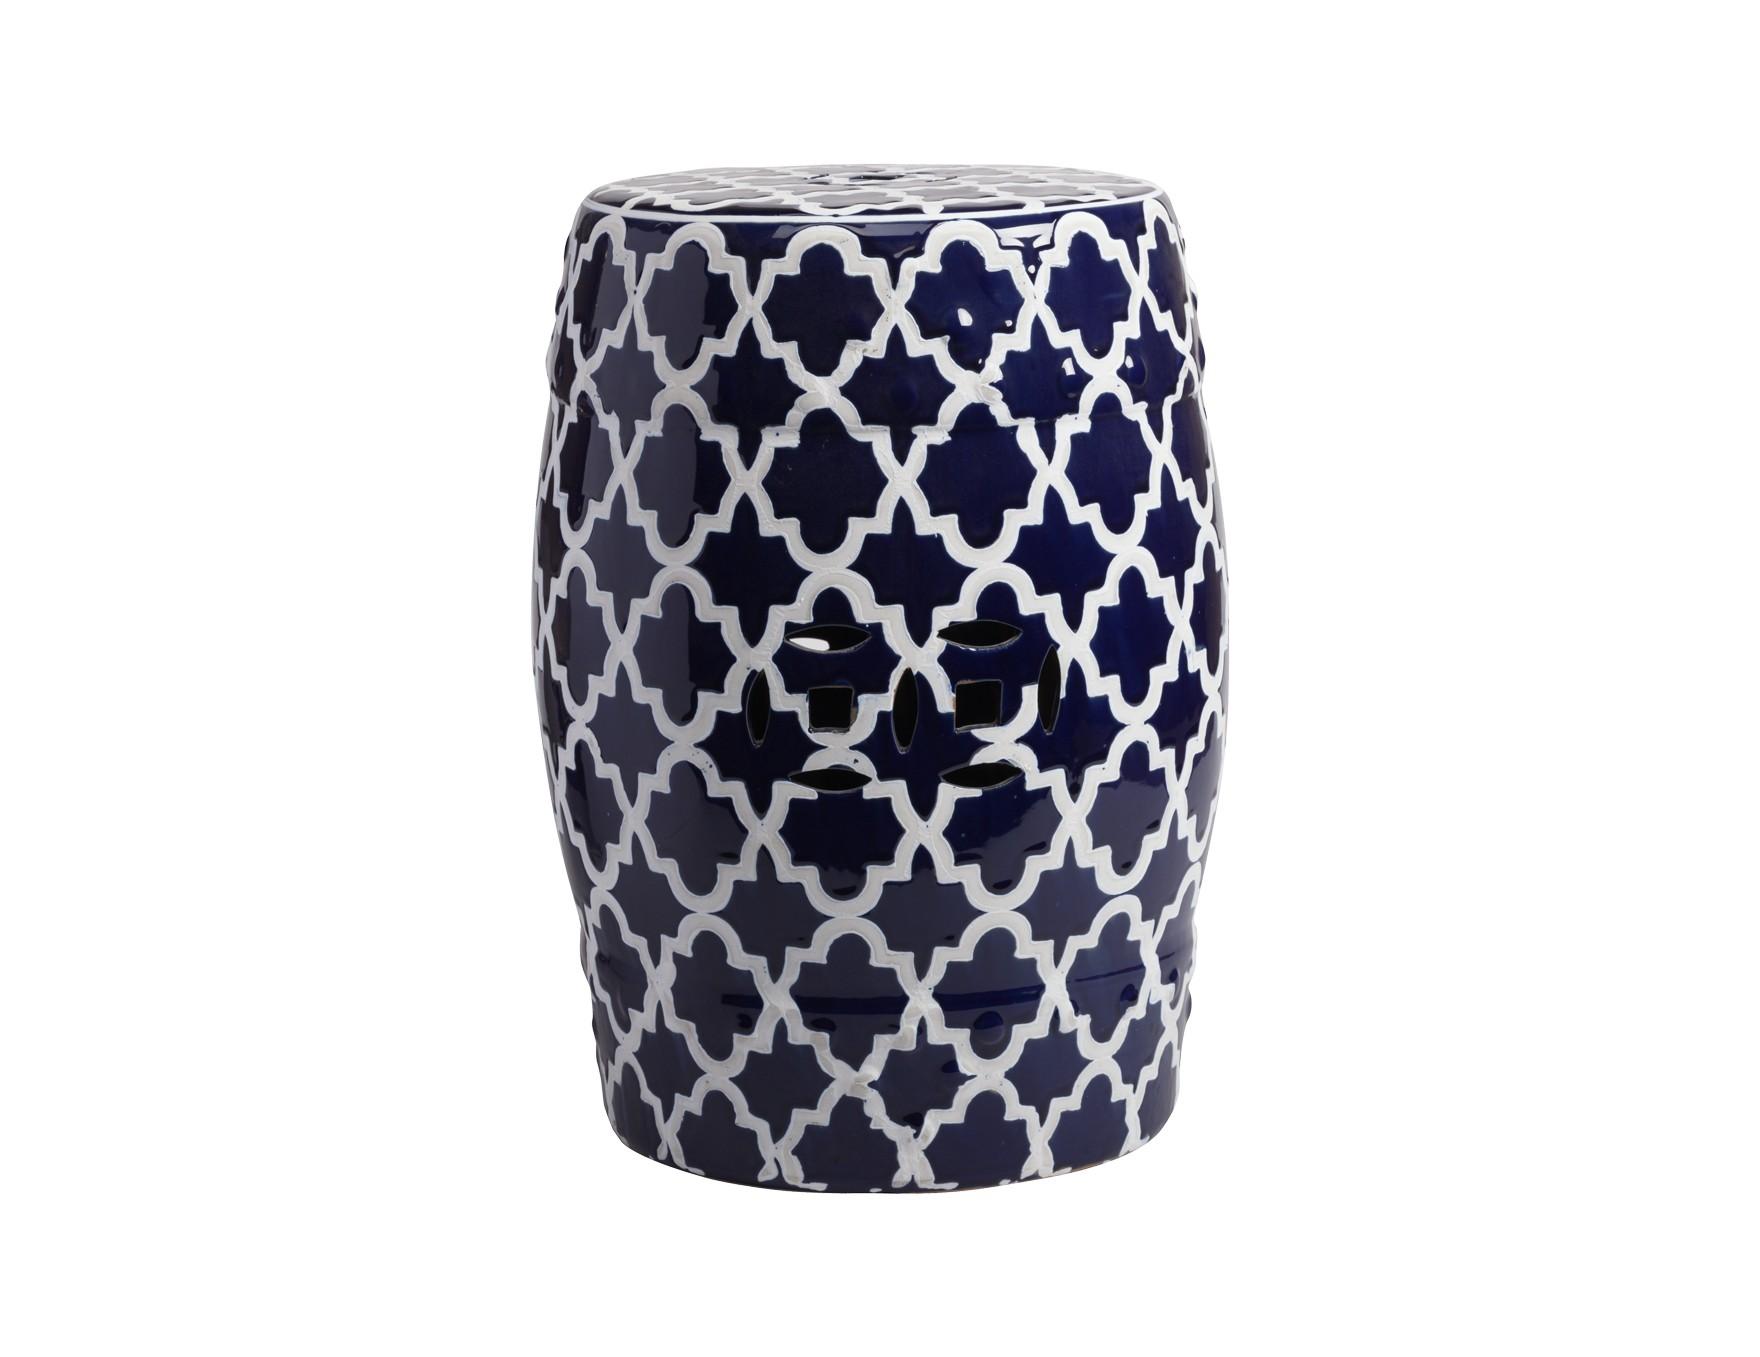 Керамический столик-табурет Istanbul StoolТабуреты<br>Это предмет мебели, который удачно сочетает в себе сразу две функции — его можно использовать и как стол, и как табурет, в зависимости от вашего желания. Примечательно, что эта модель выполнена не из дерева, как следовало бы ожидать, а из грубой керамики. Столик-табурет выполнен в тёмно-синем цвете, эффектно декорирован белым орнаментом, удачно дополнен отверстиями, которыми удобно воспользоваться для его перемещения. Такой столик-табурет будет уместен в интерьере с элементами стиля модерн, но и удачно впишется в интерьеры самых разных стилей.<br><br>Material: Керамика<br>Height см: 45<br>Diameter см: 33